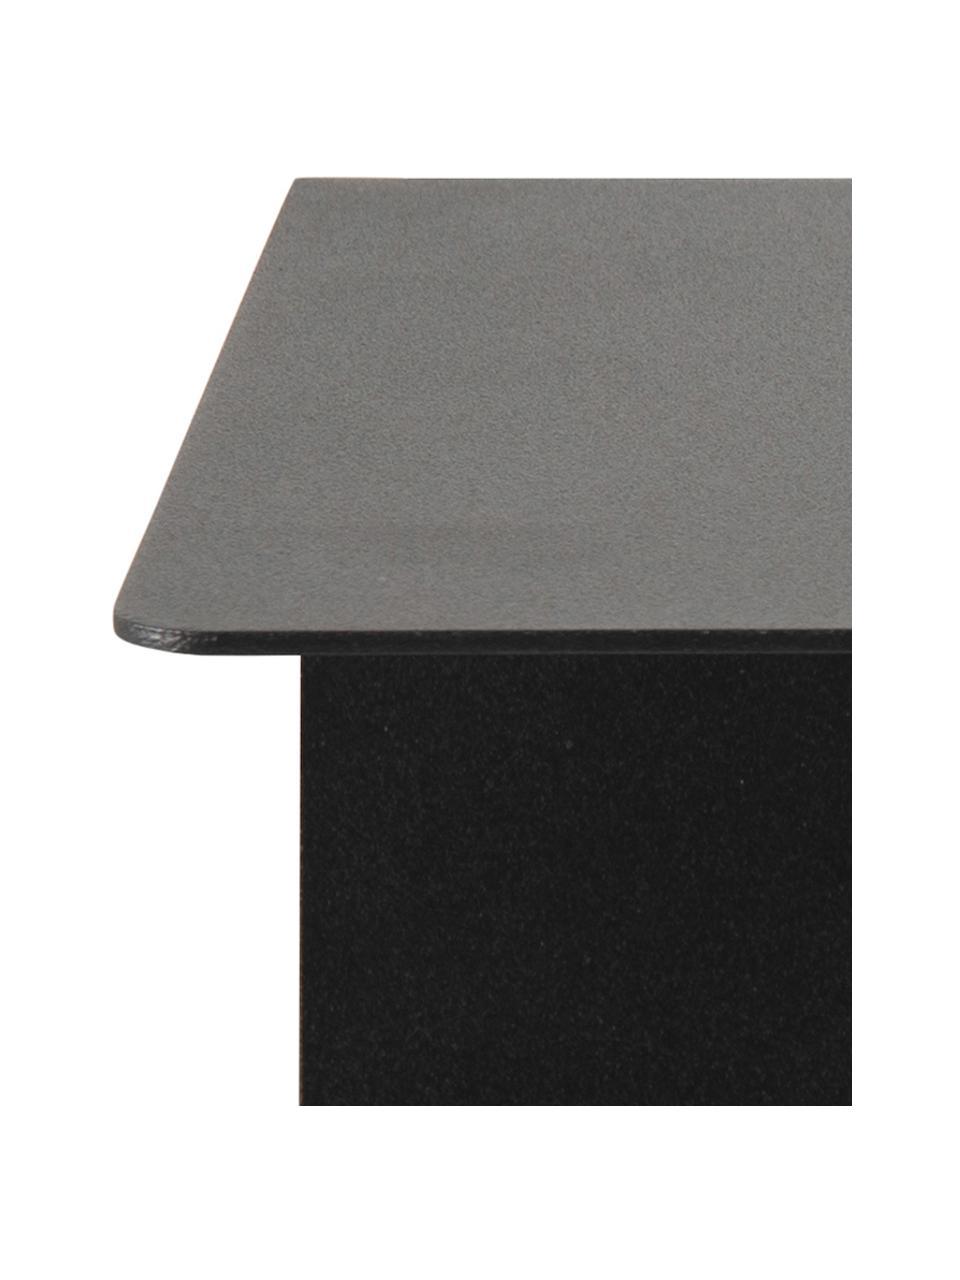 Ścienny stolik nocny z metalu Neptun, 2 szt., Metal malowany proszkowo, Czarny, S 35 x W 14 cm